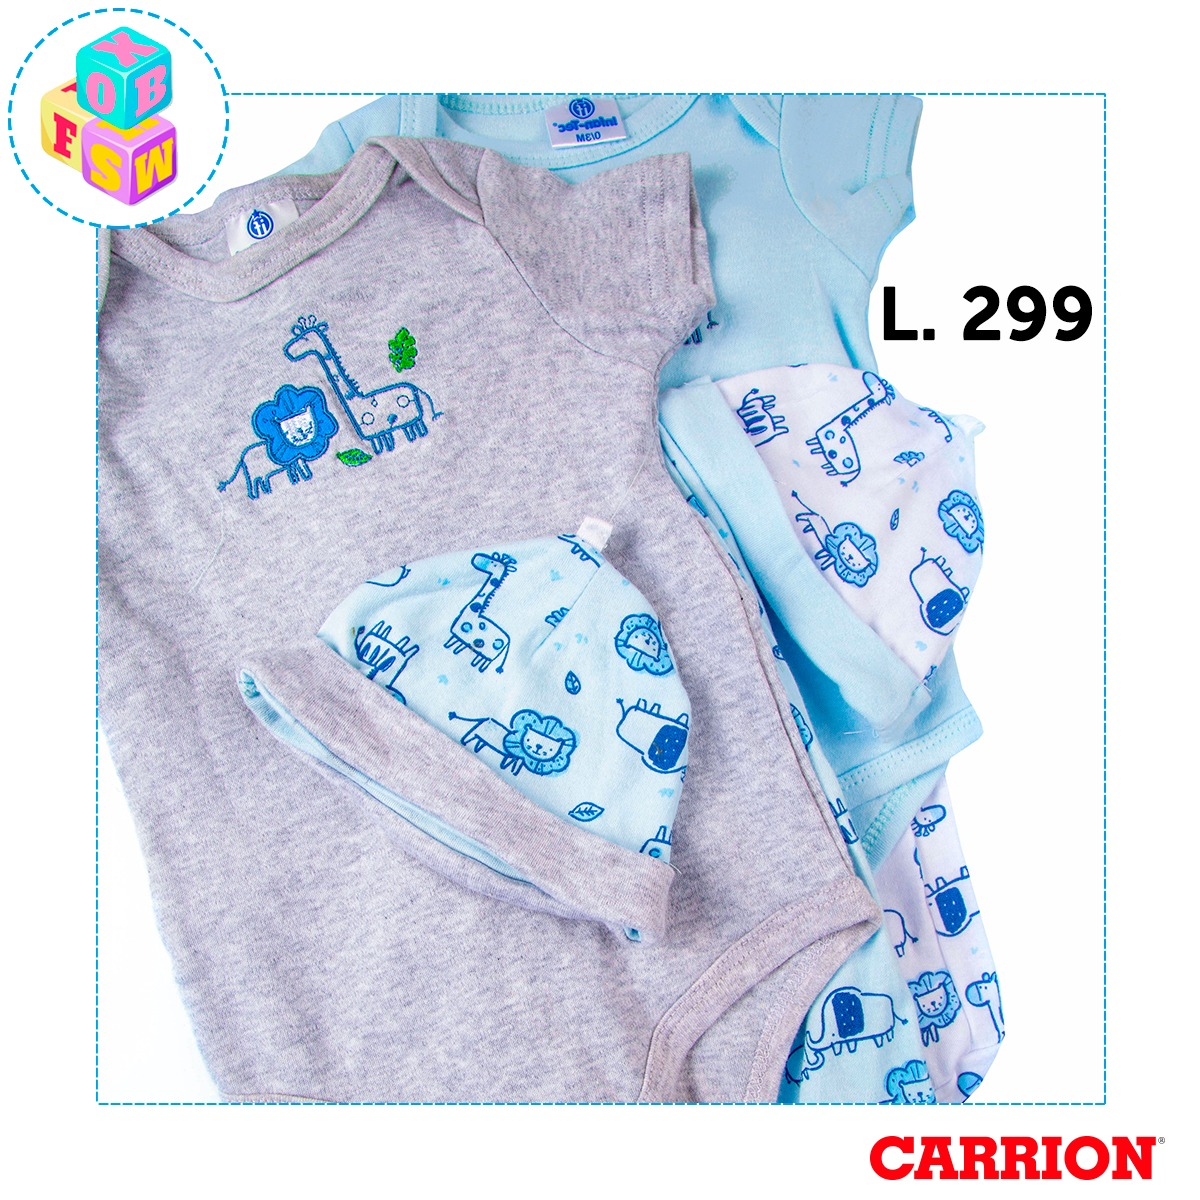 Hermosos mamelucos para recién nacidos #tiendascarrion https://t.co/SWSw3q5Djn